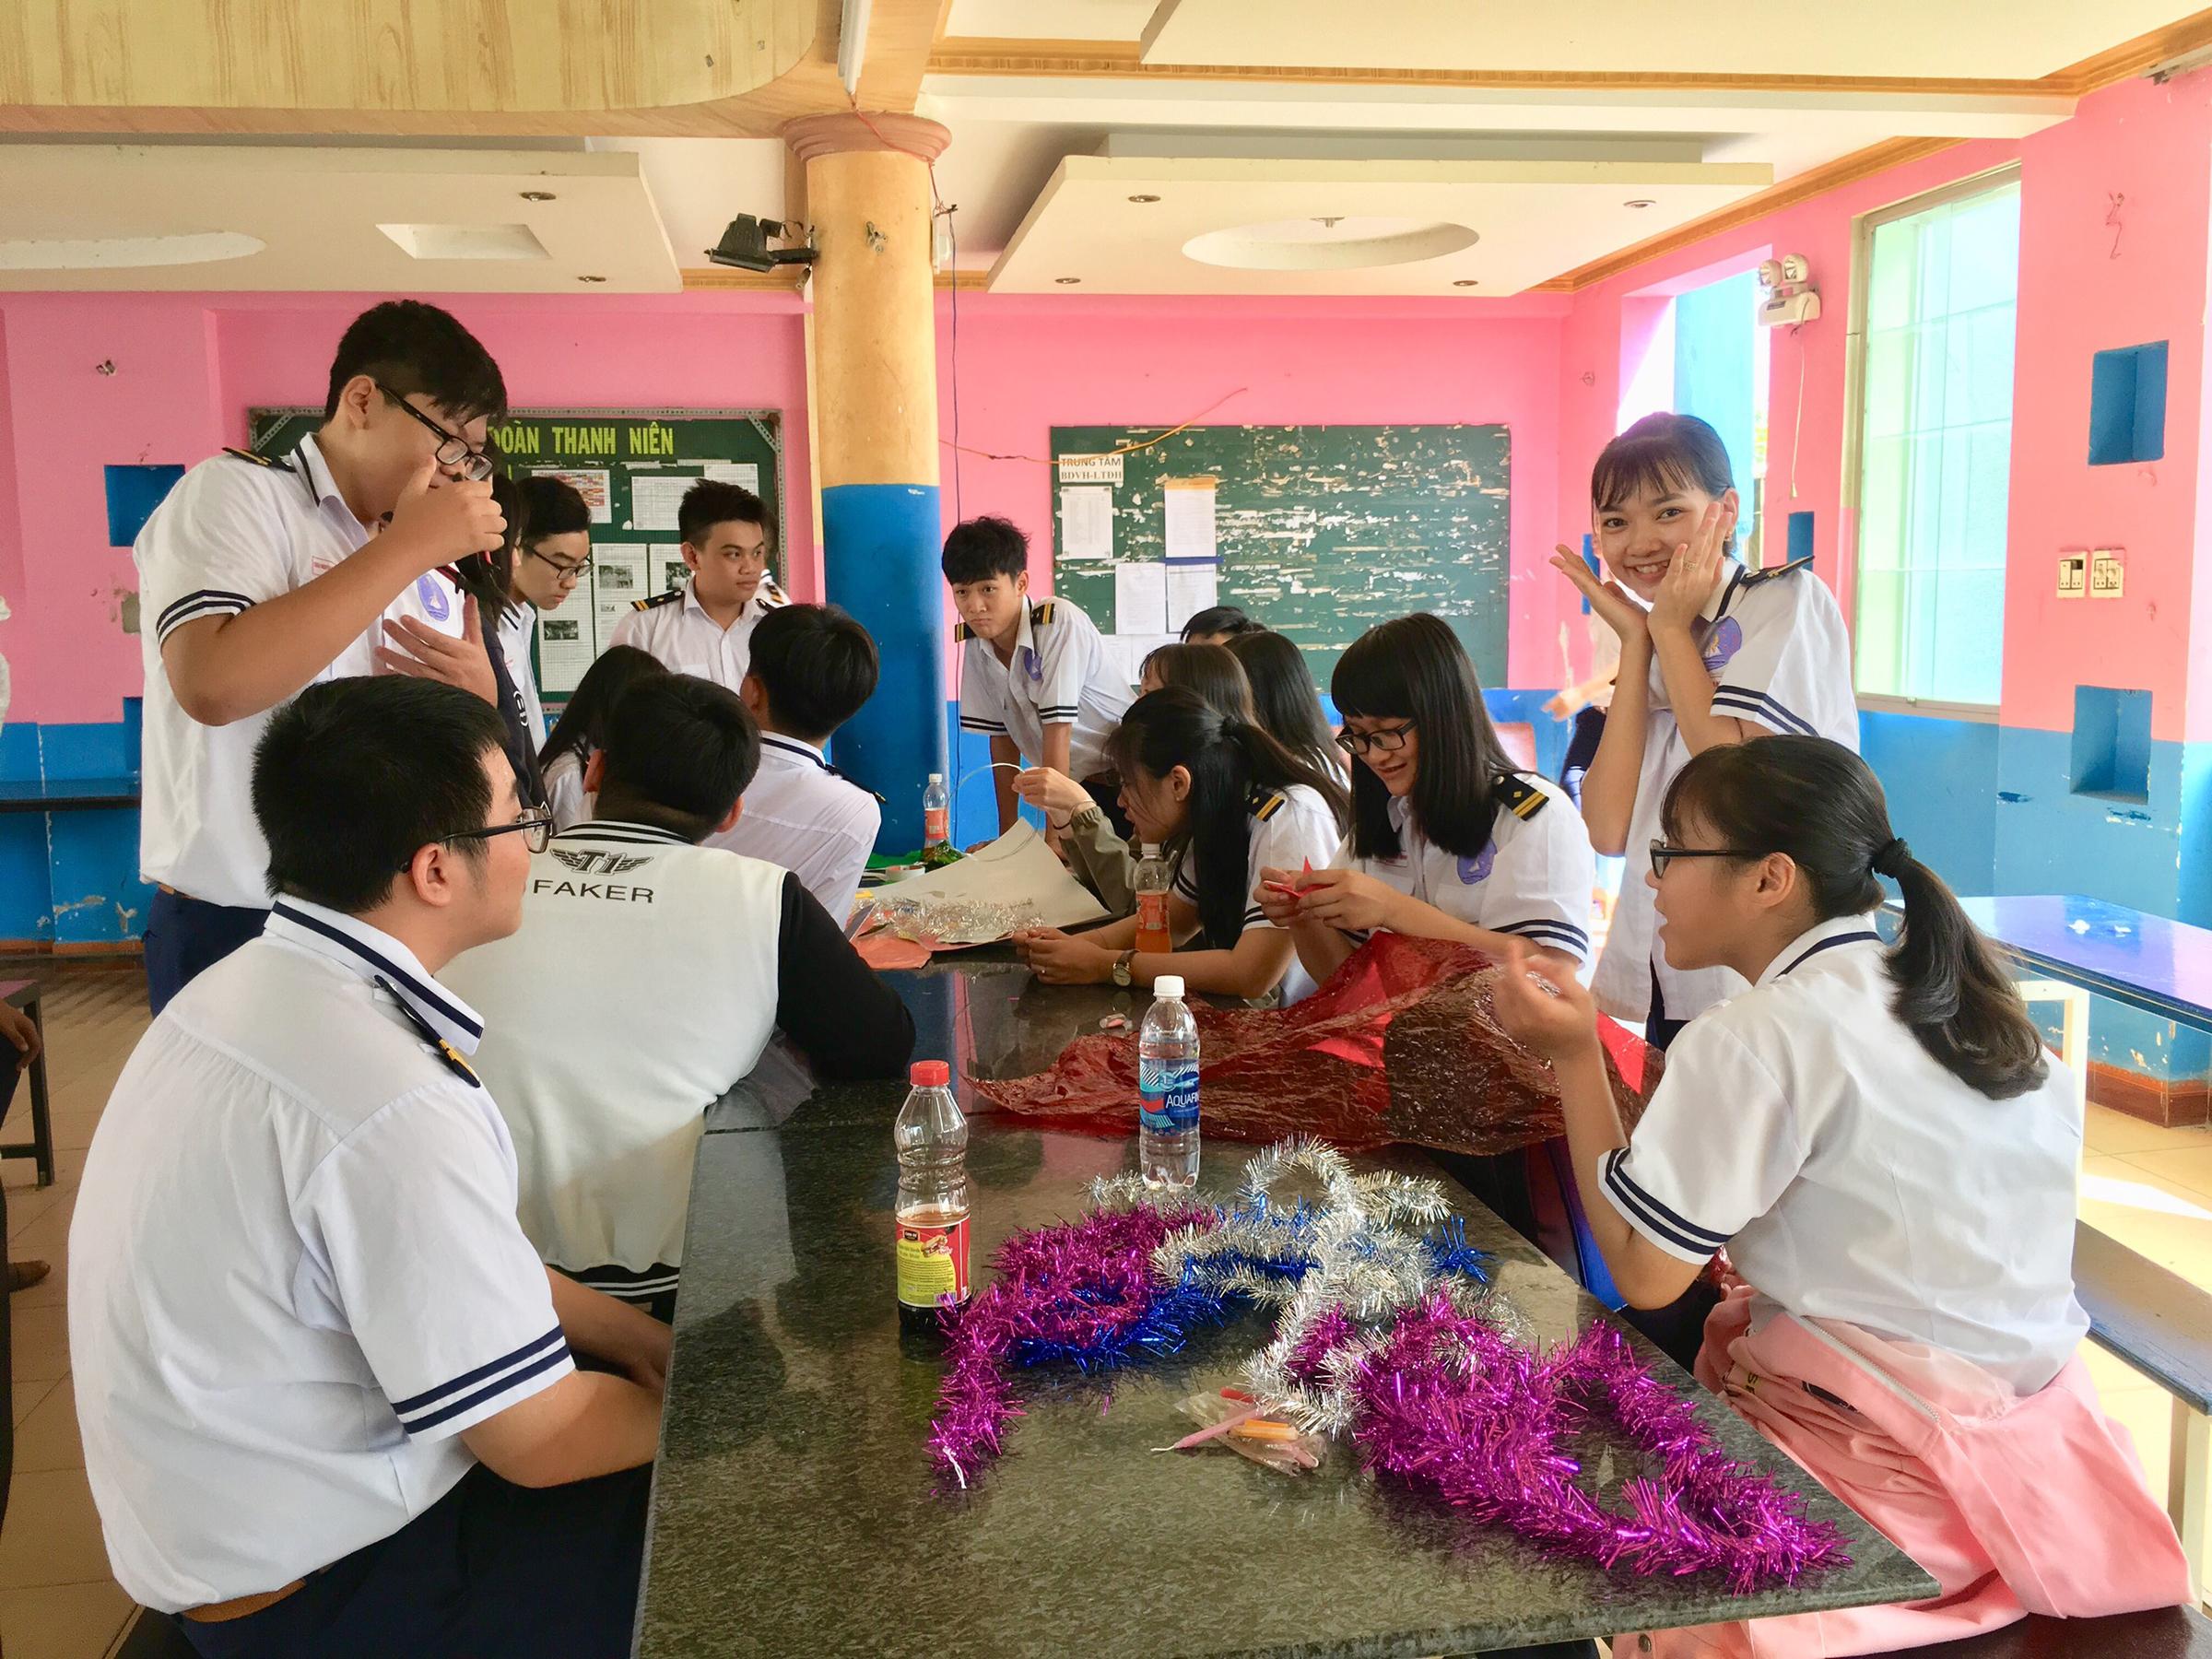 Hoạt động làm lồng đèn trung thu năm 2019 thu hút nhiều học sinh tham gia.